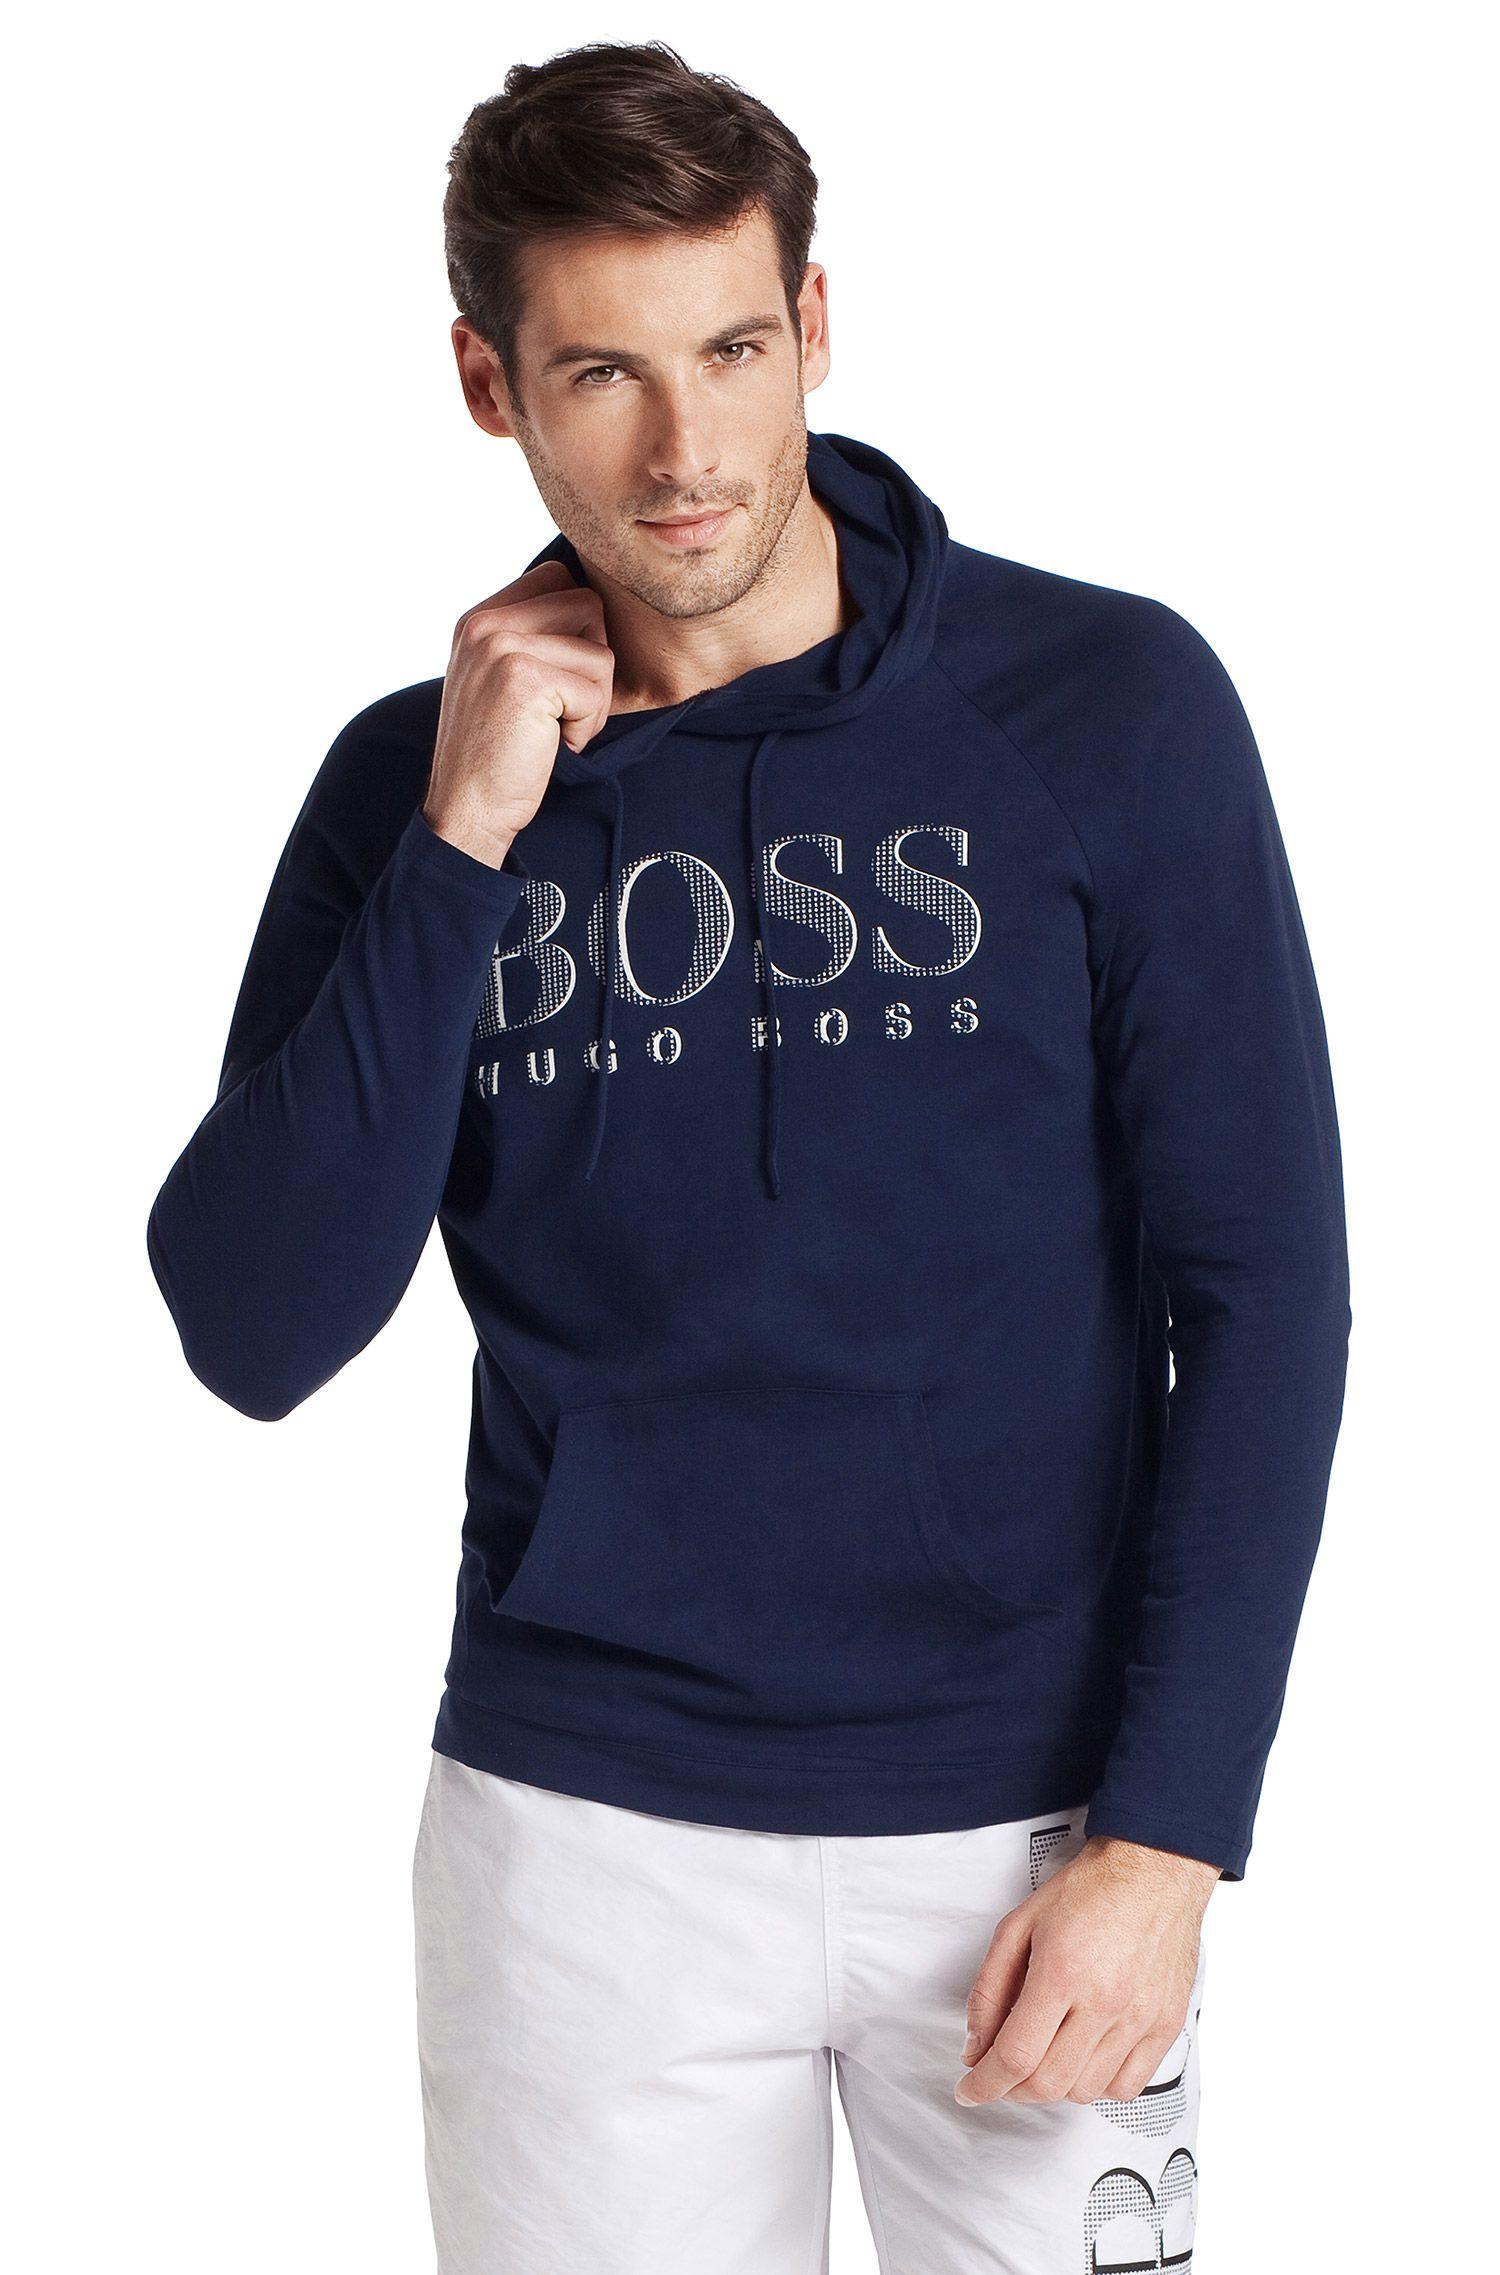 Sweatshirt ´Shirt Hoodes LS BM` mit Kapuze